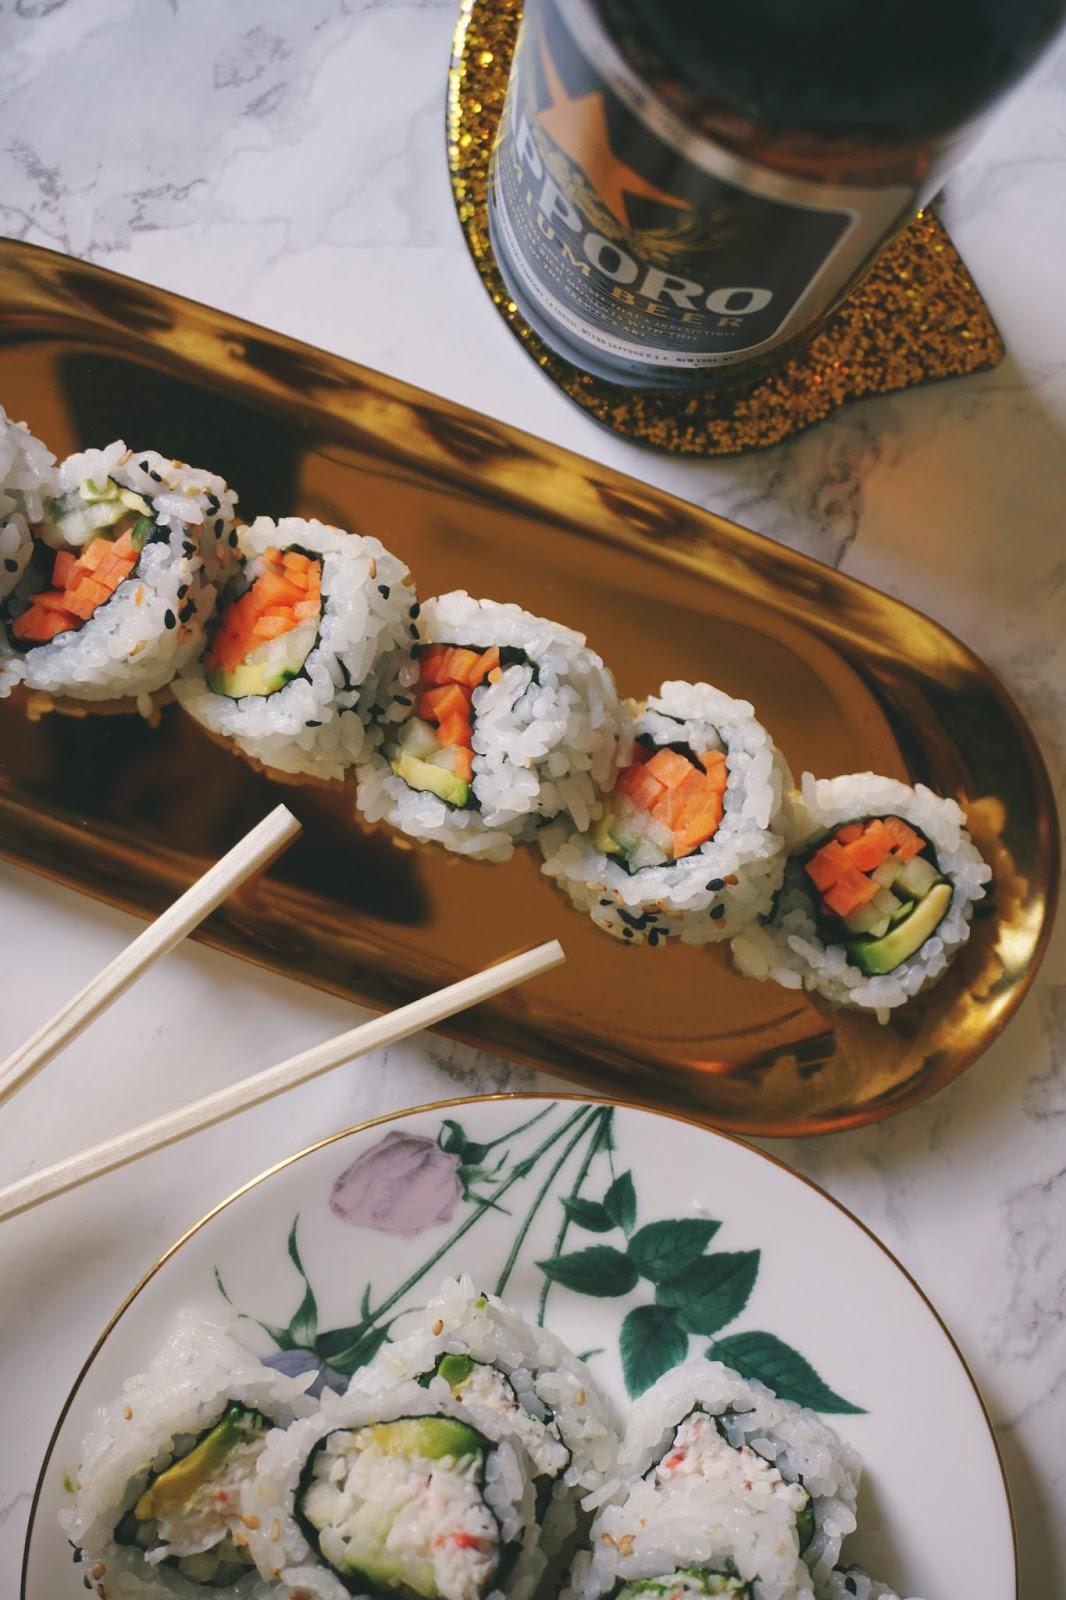 how to find vegetarian friendly sushi carmen varner. Black Bedroom Furniture Sets. Home Design Ideas